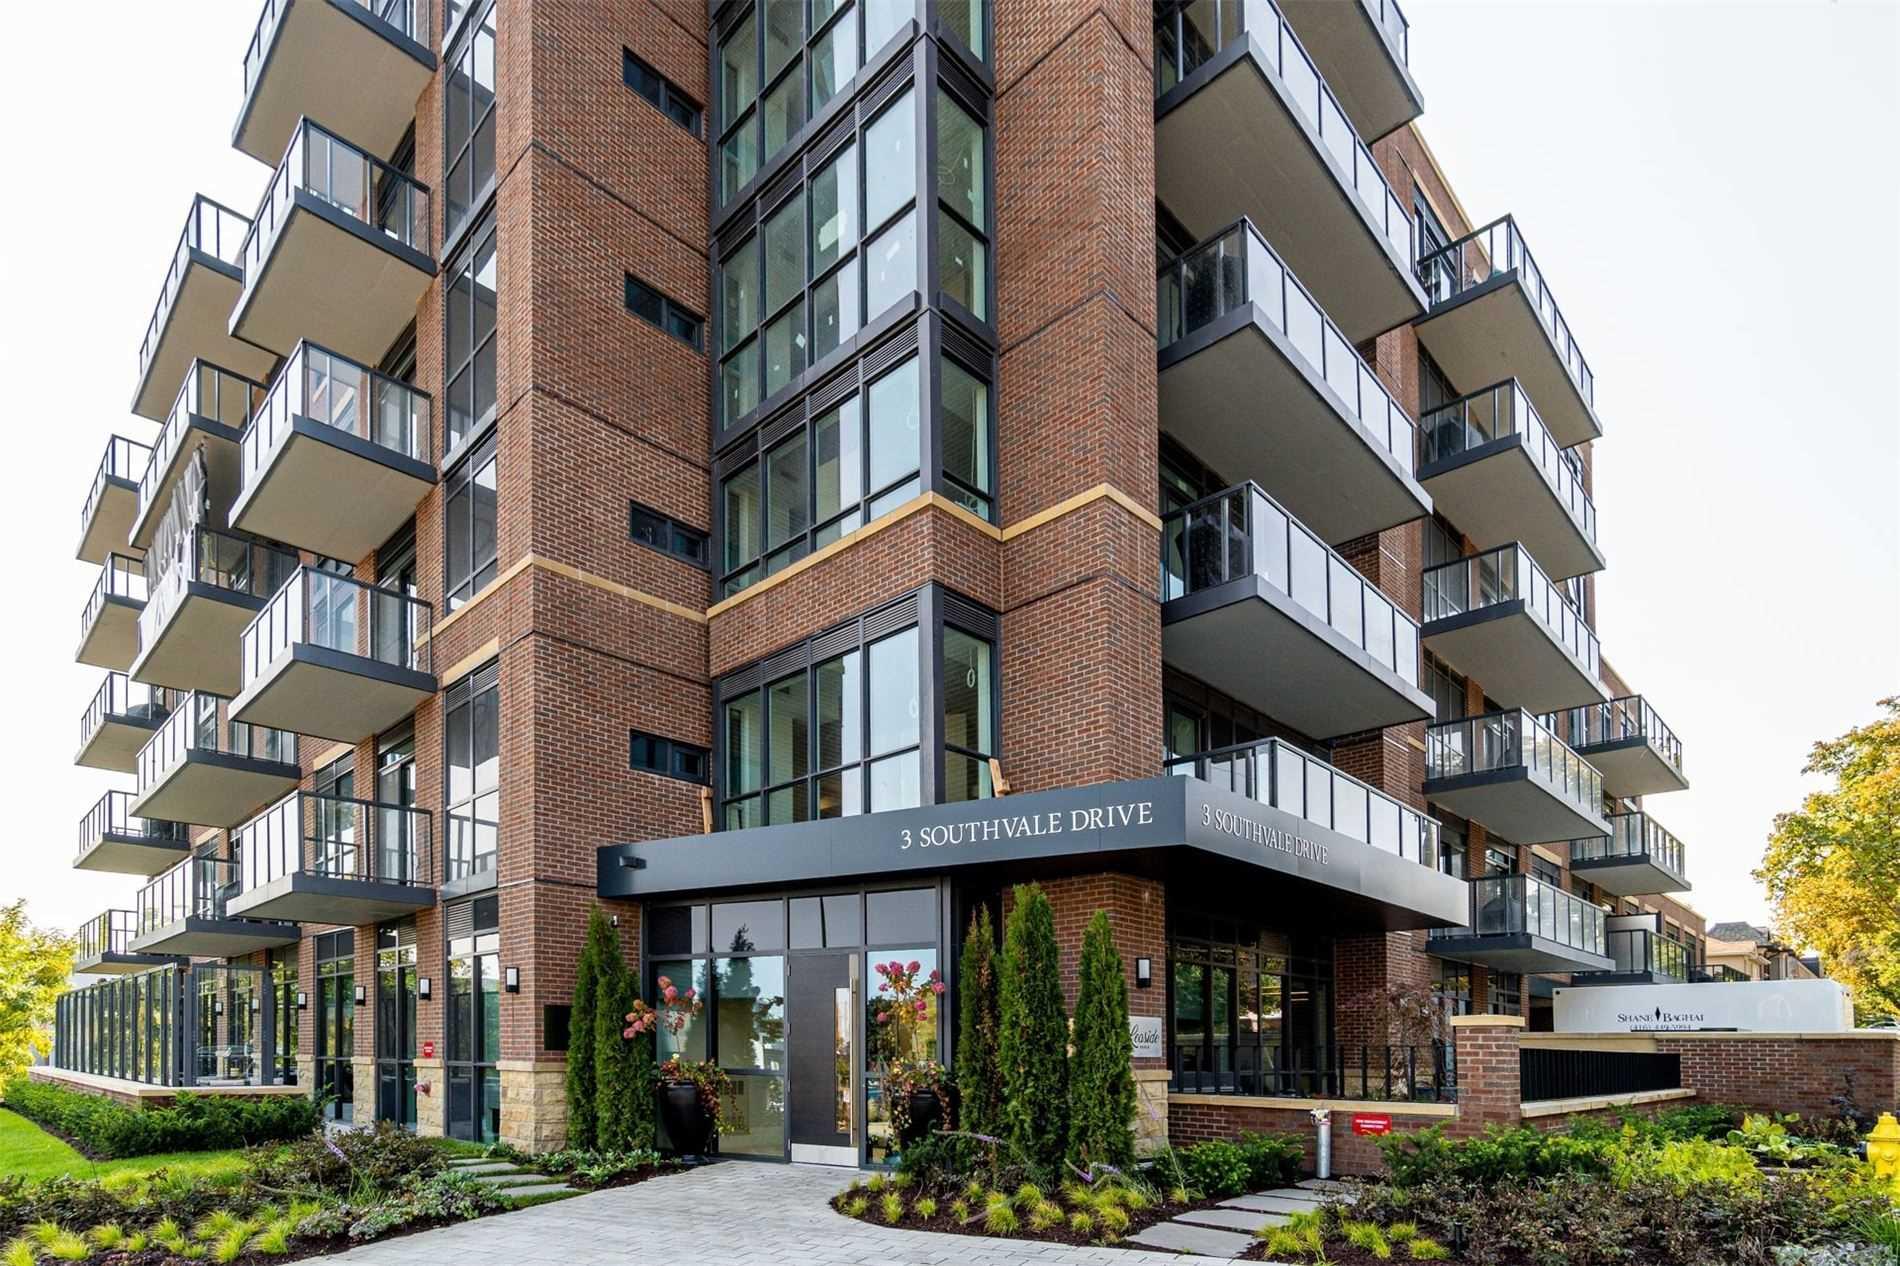 3 Southvale Dr, Toronto, Ontario M4G1G1, 3 Bedrooms Bedrooms, 6 Rooms Rooms,2 BathroomsBathrooms,Condo Apt,For Sale,Southvale,C5351473